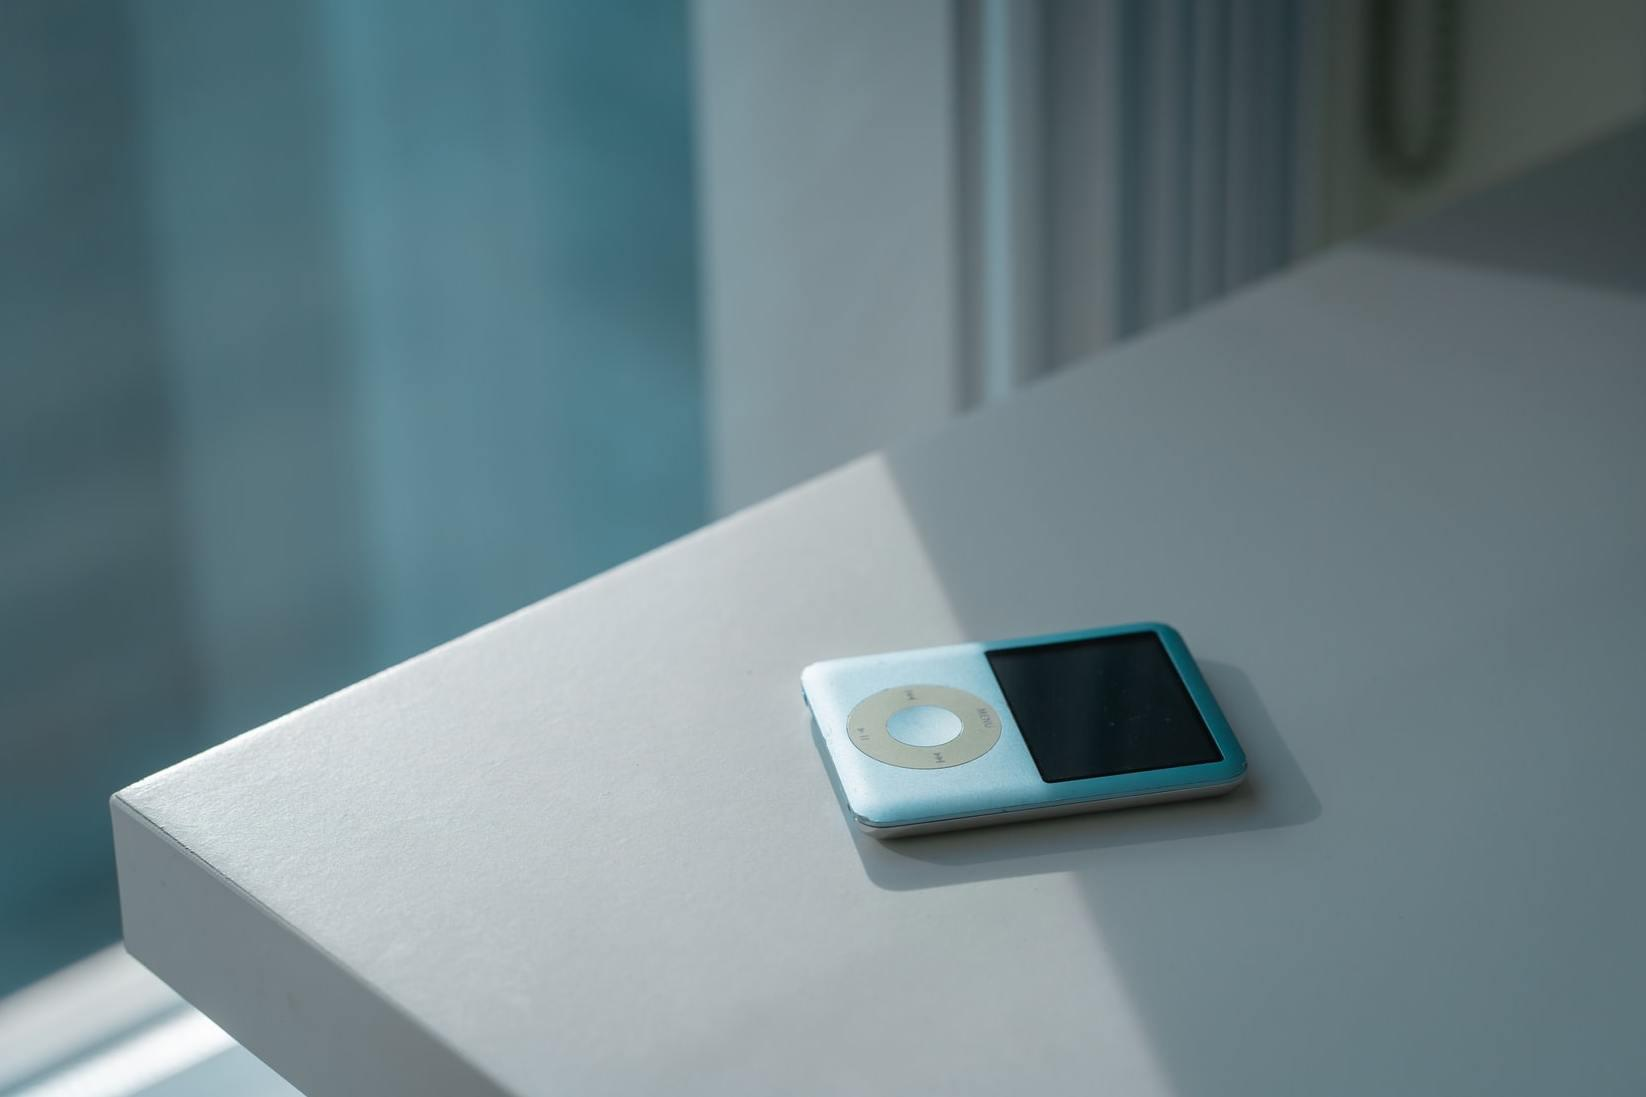 0202 年了,为什么他们还在用 iPod 听歌?